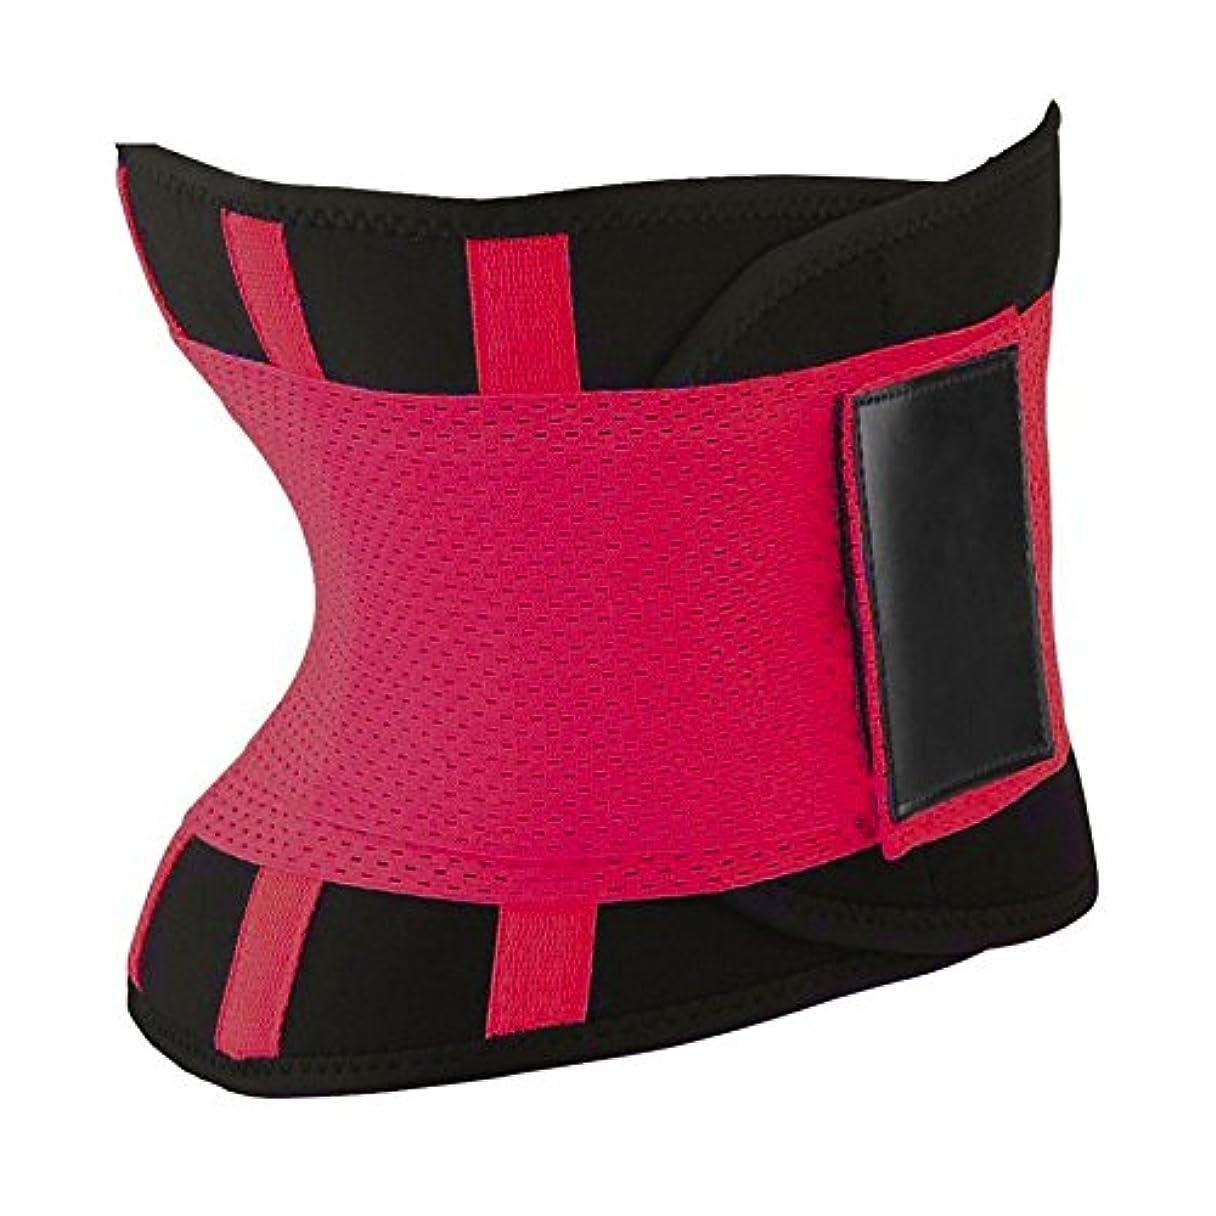 患者放射する入手します快適な女性ボディシェイパー痩身シェイパーベルトスポーツレディースウエストトレーナーニッパー制御バーニングボディおなかベルト - ローズレッドM